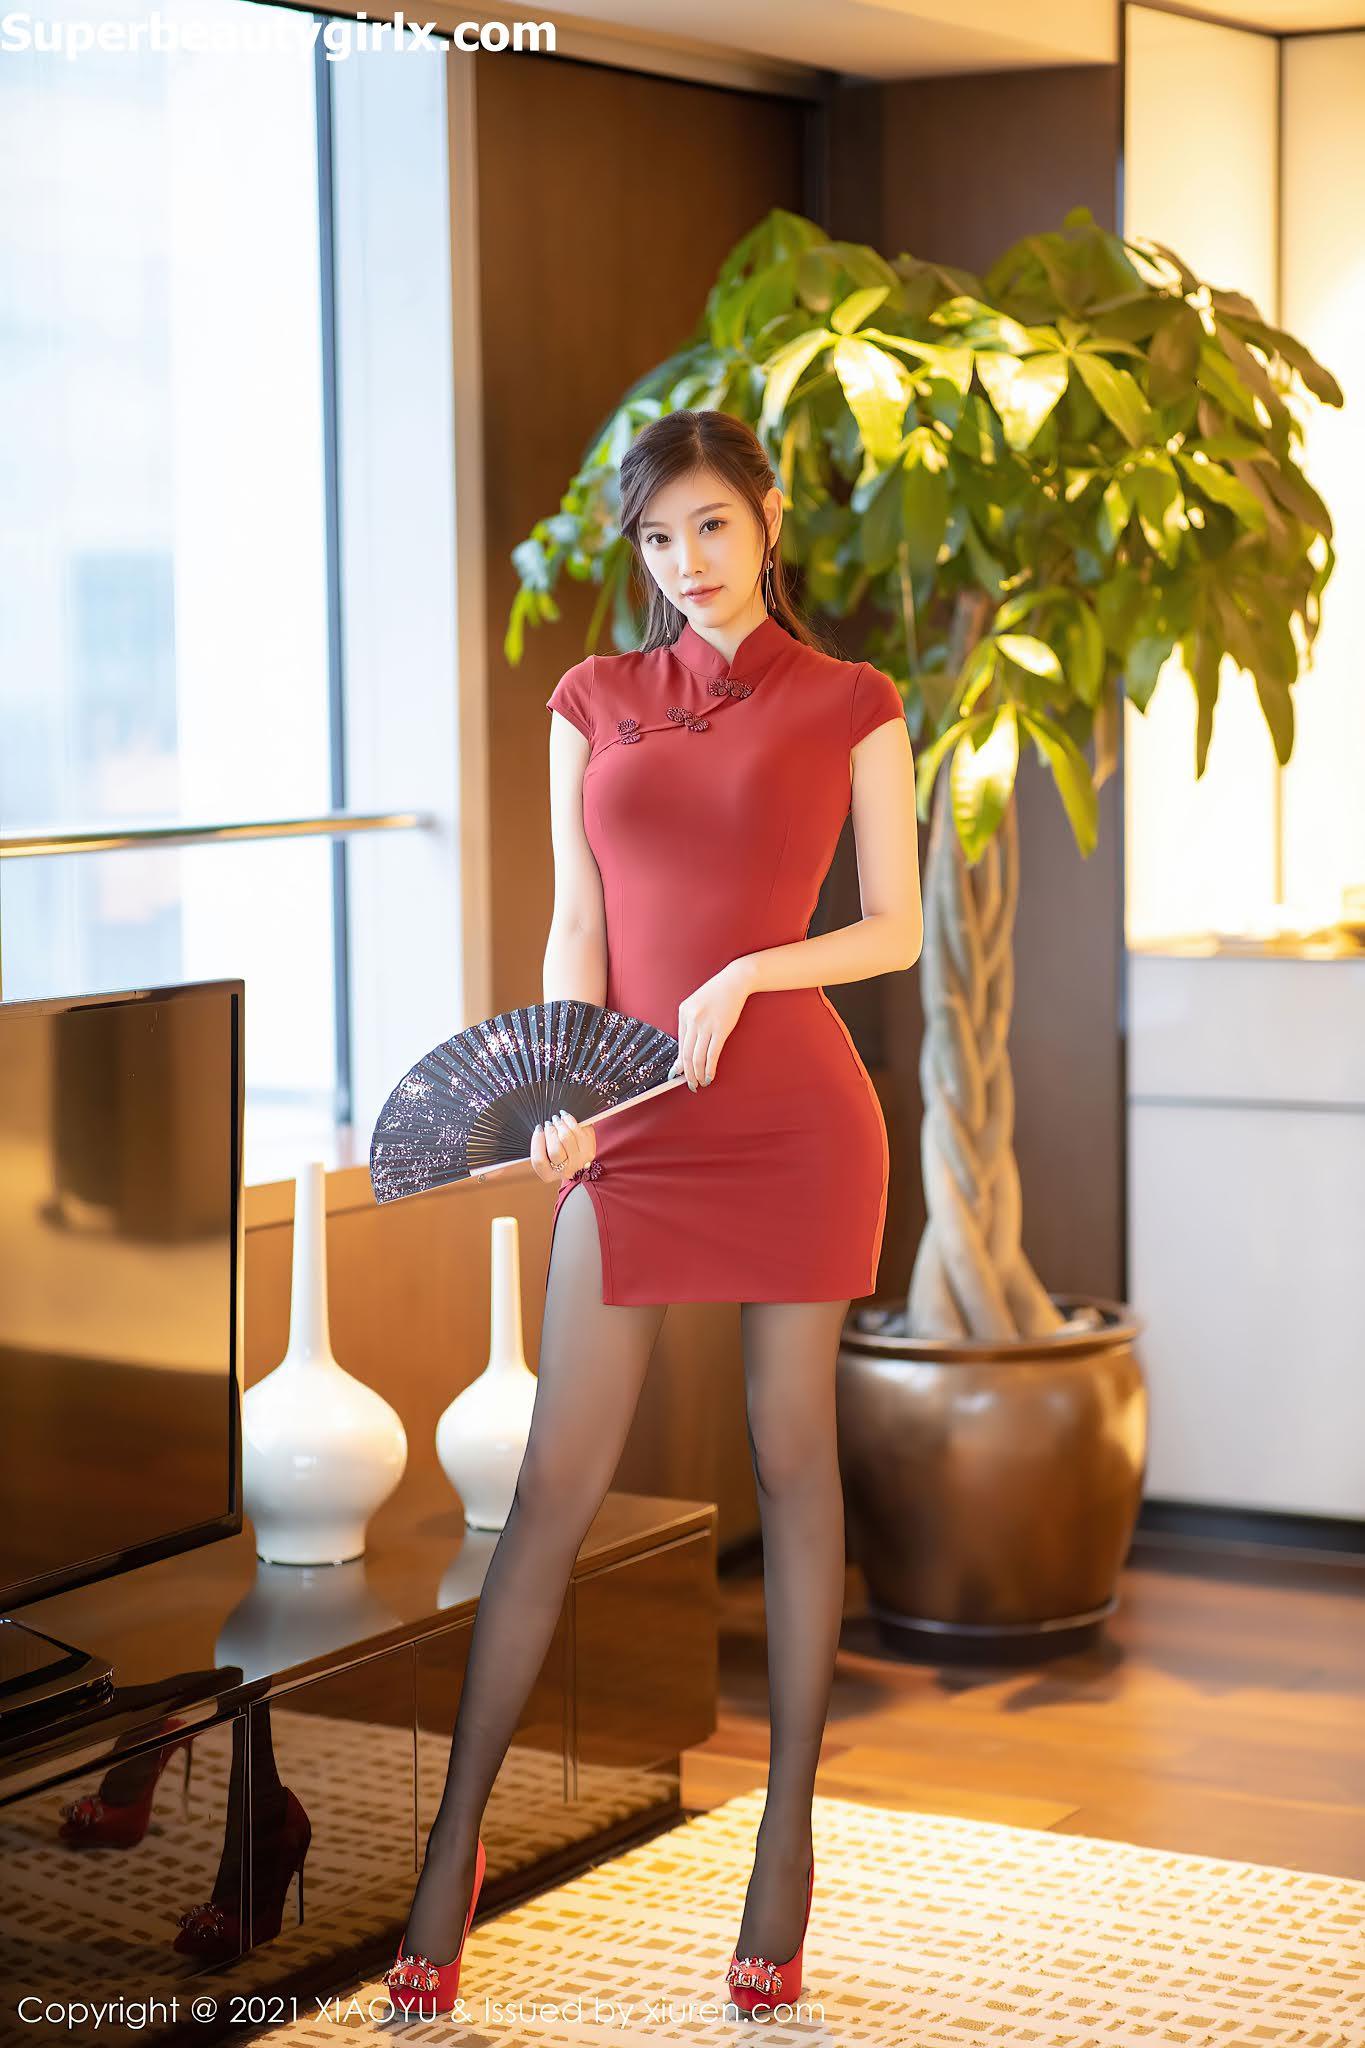 XiaoYu-Vol.472-Yang-Chen-Chen-sugar-Superbeautygirlx.com